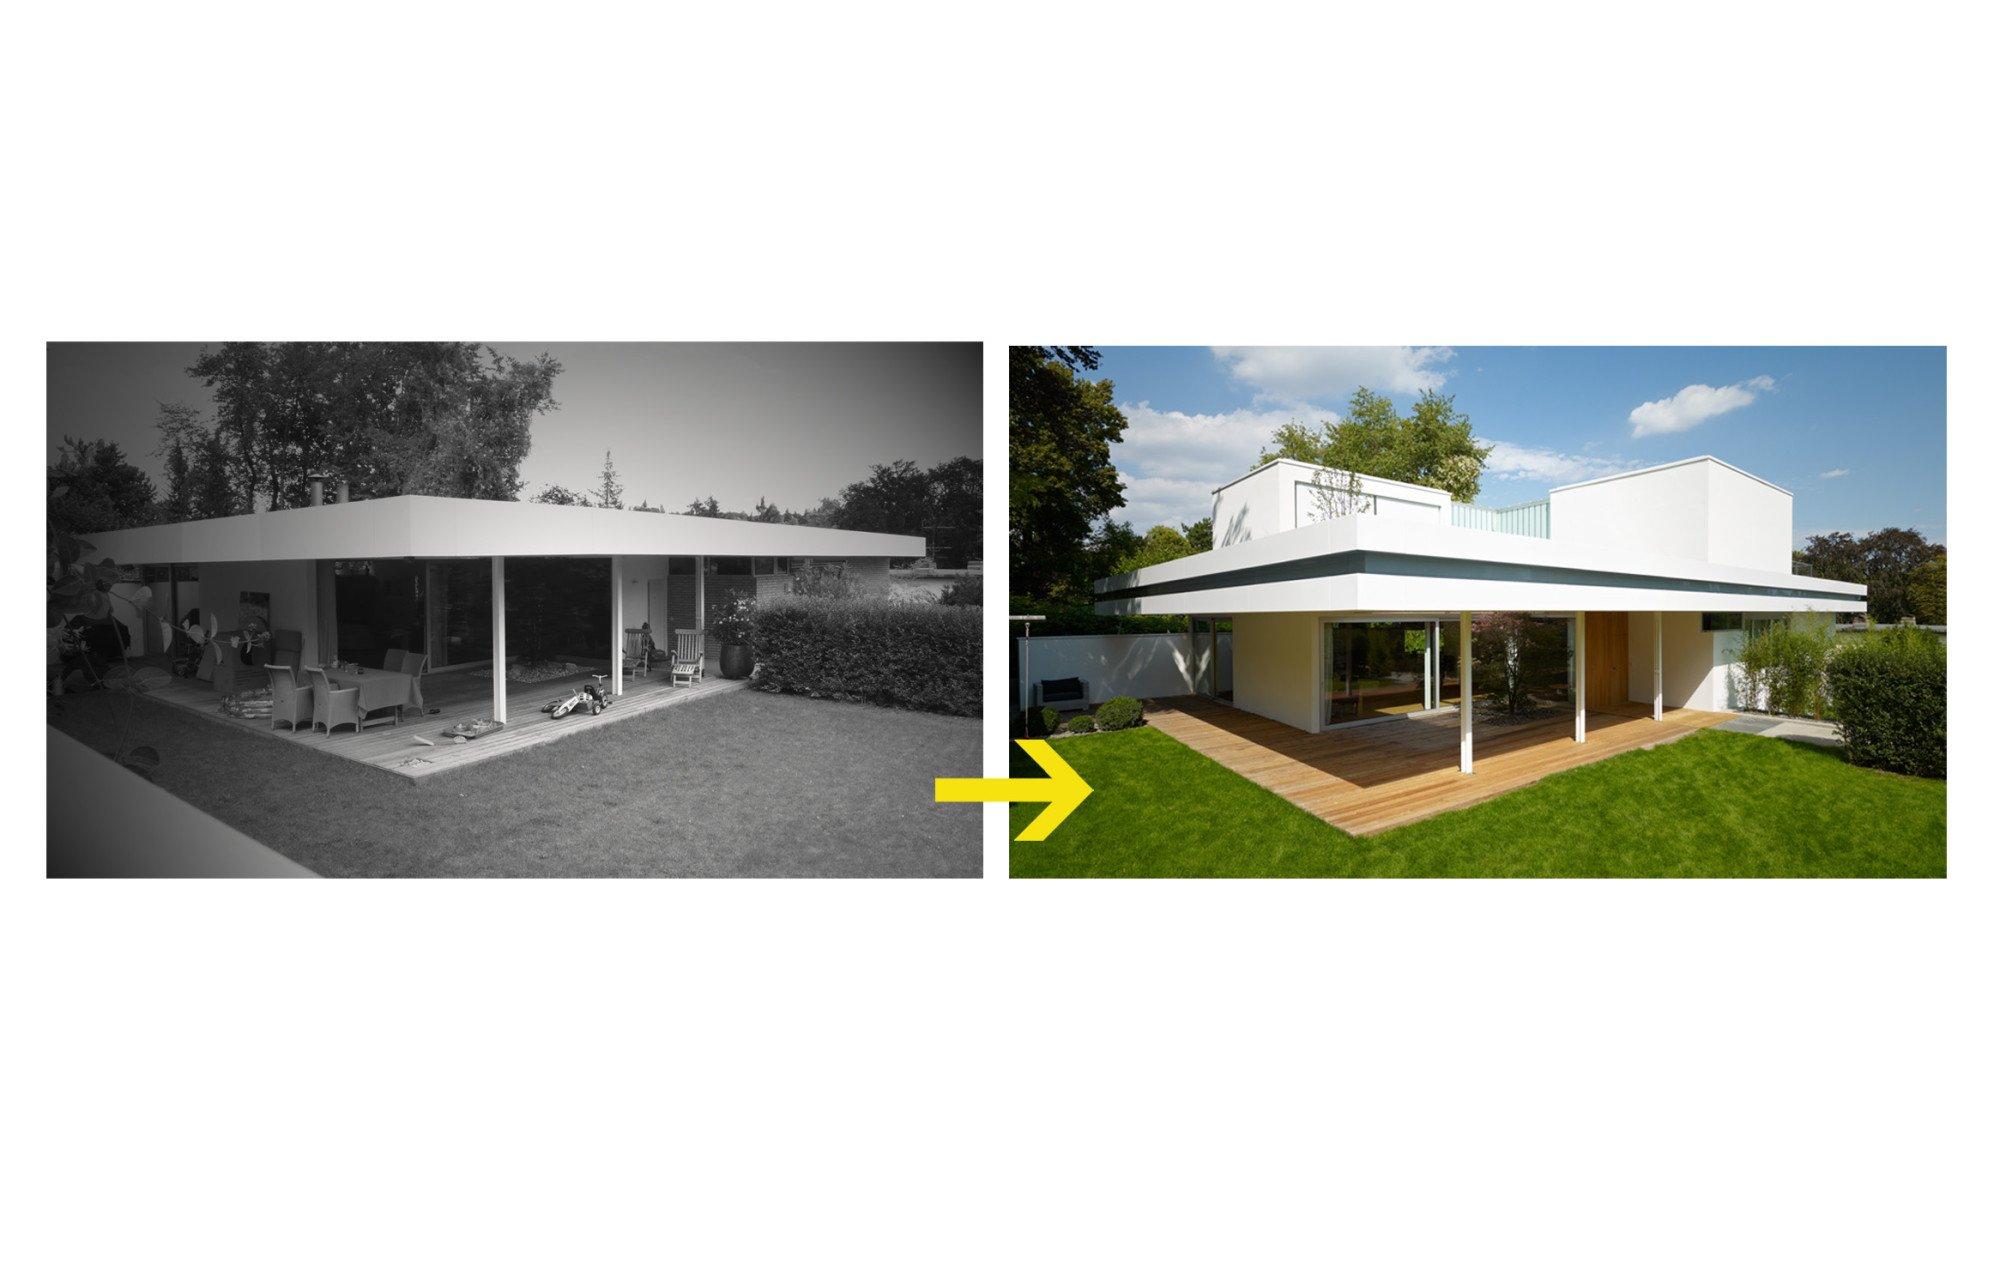 aufstockung haus s in wiesbaden flachdach wohnen baunetz wissen. Black Bedroom Furniture Sets. Home Design Ideas